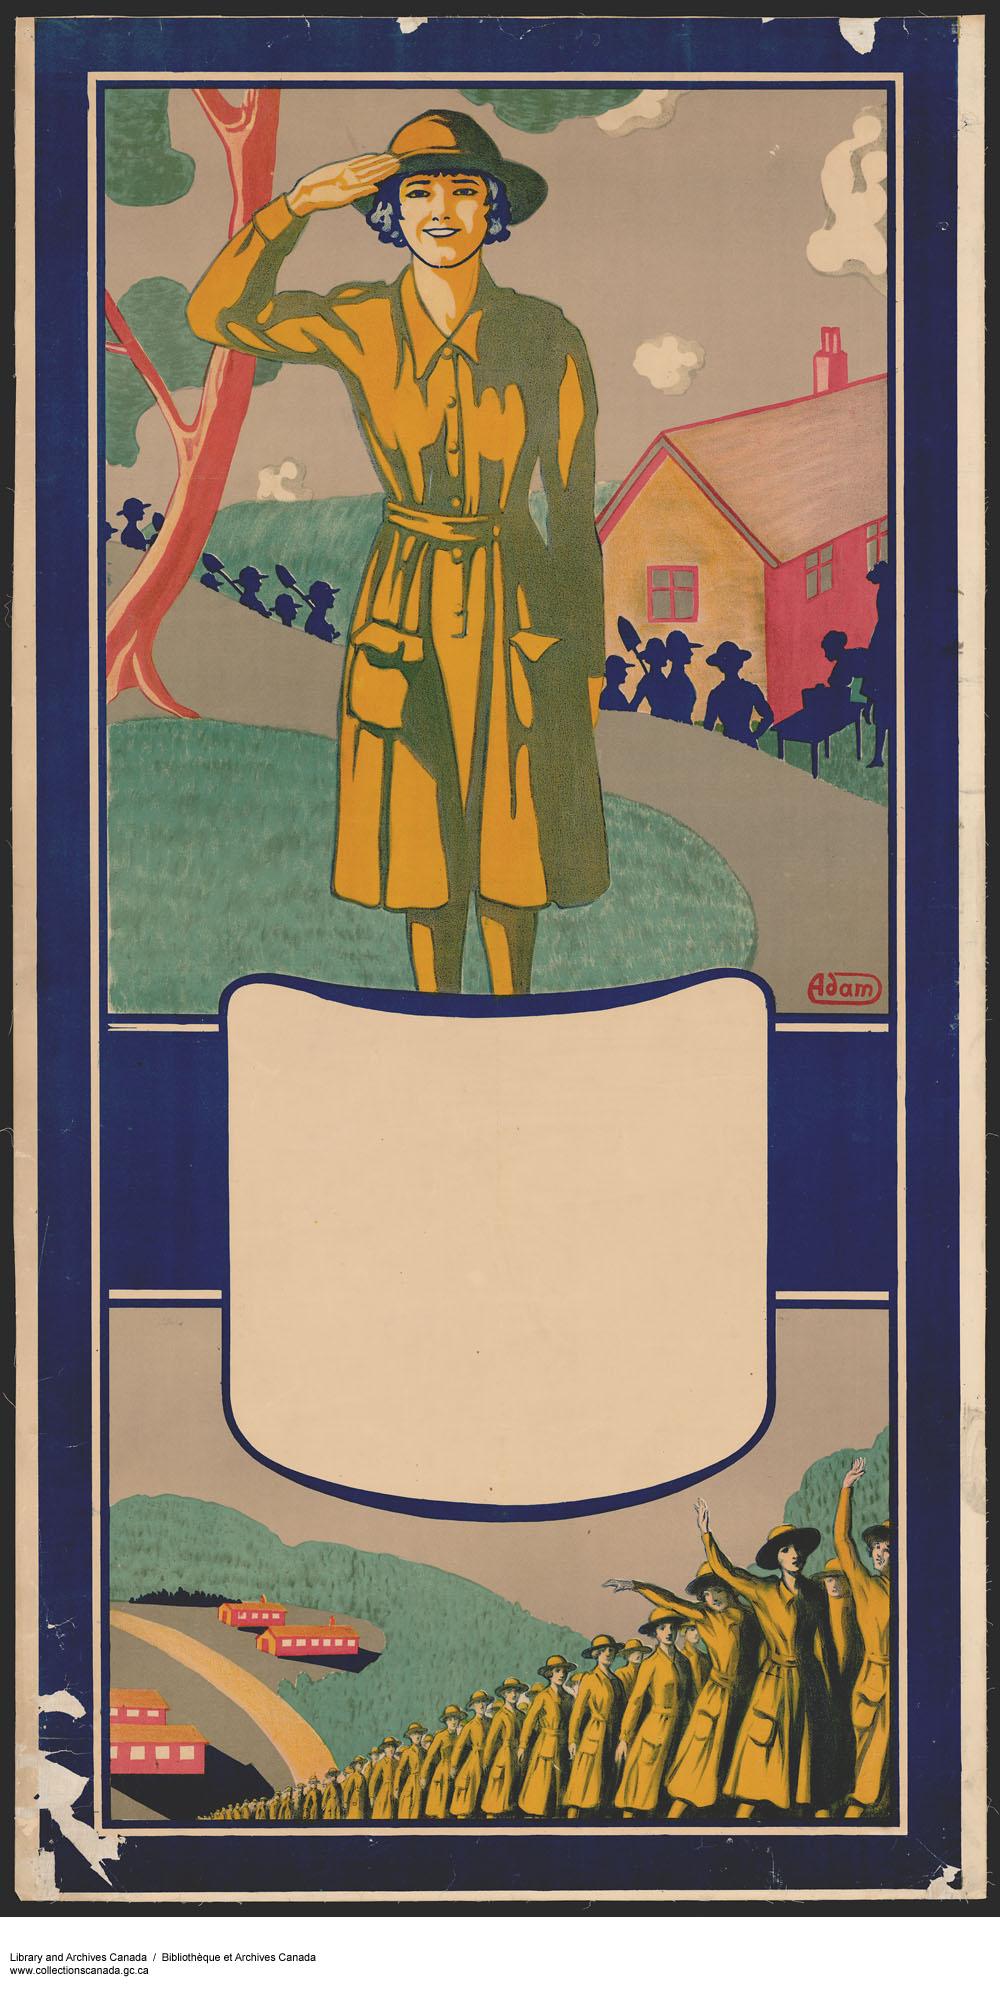 WWI Fr. Cdn recruitment poster